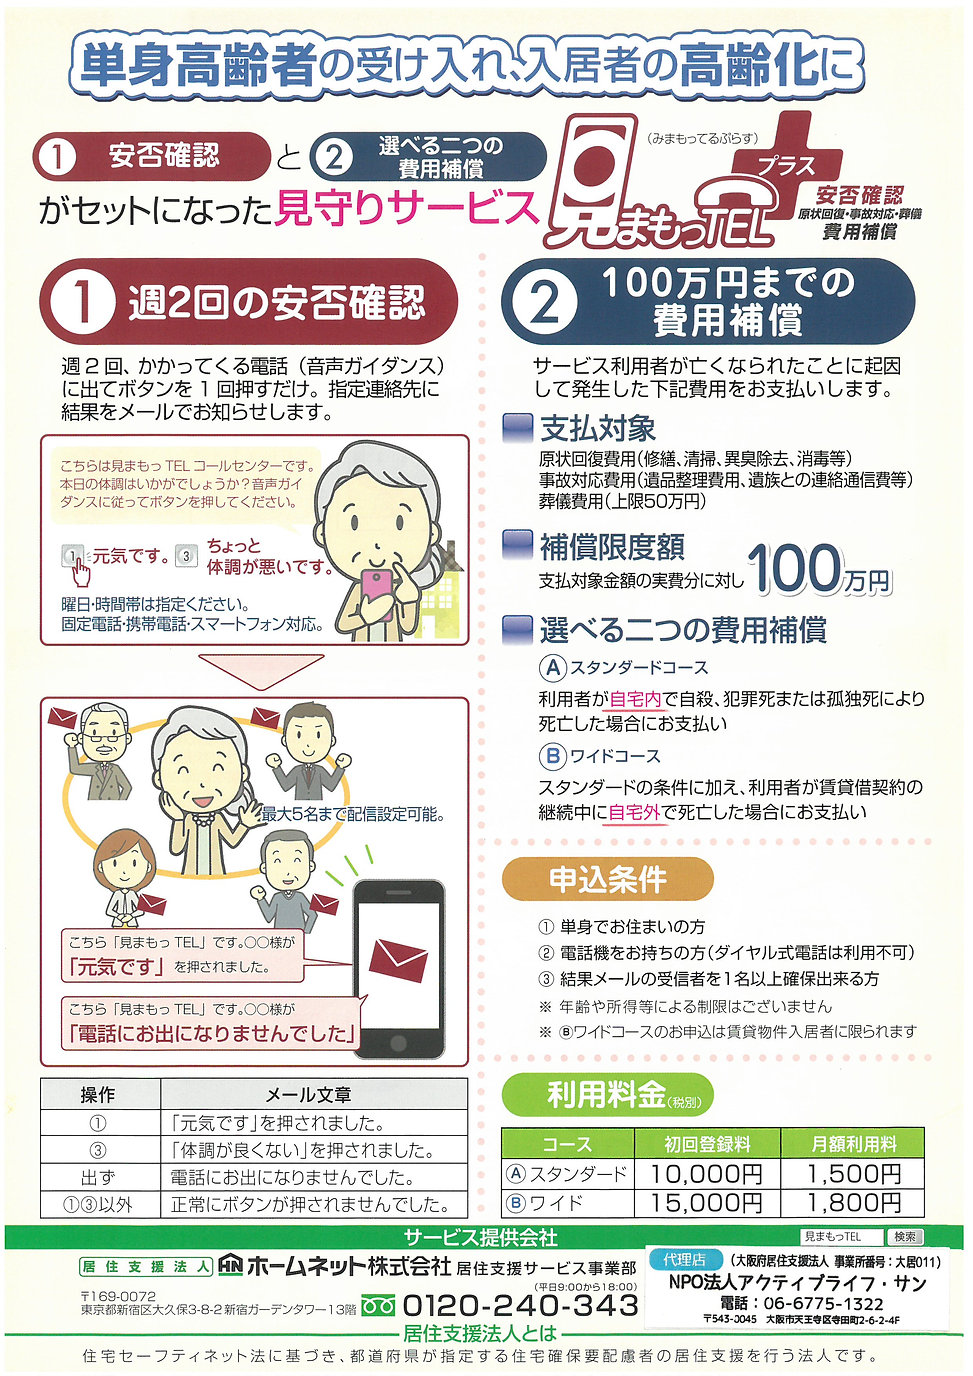 見守っTEL案内.jpg